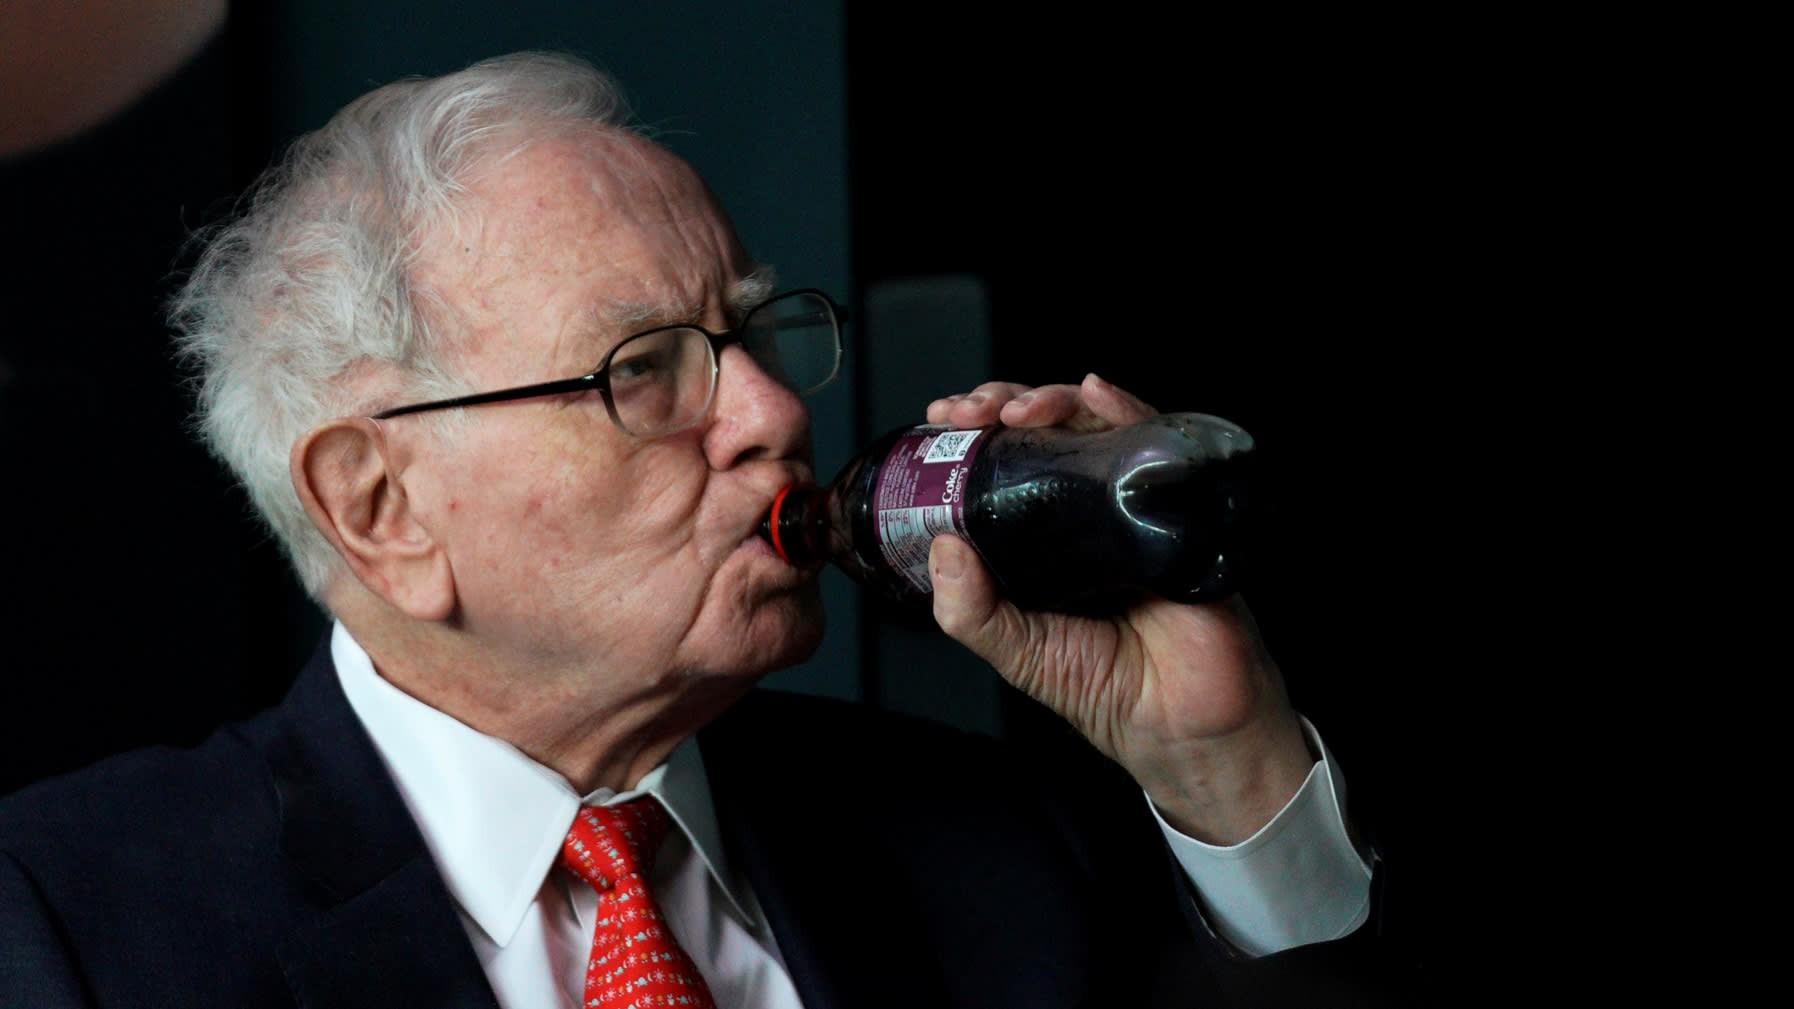 Đầu tư vào fintech và doanh nghiệp châu Á, triết lí kinh doanh của Warren Buffett đang thay đổi? - Ảnh 1.